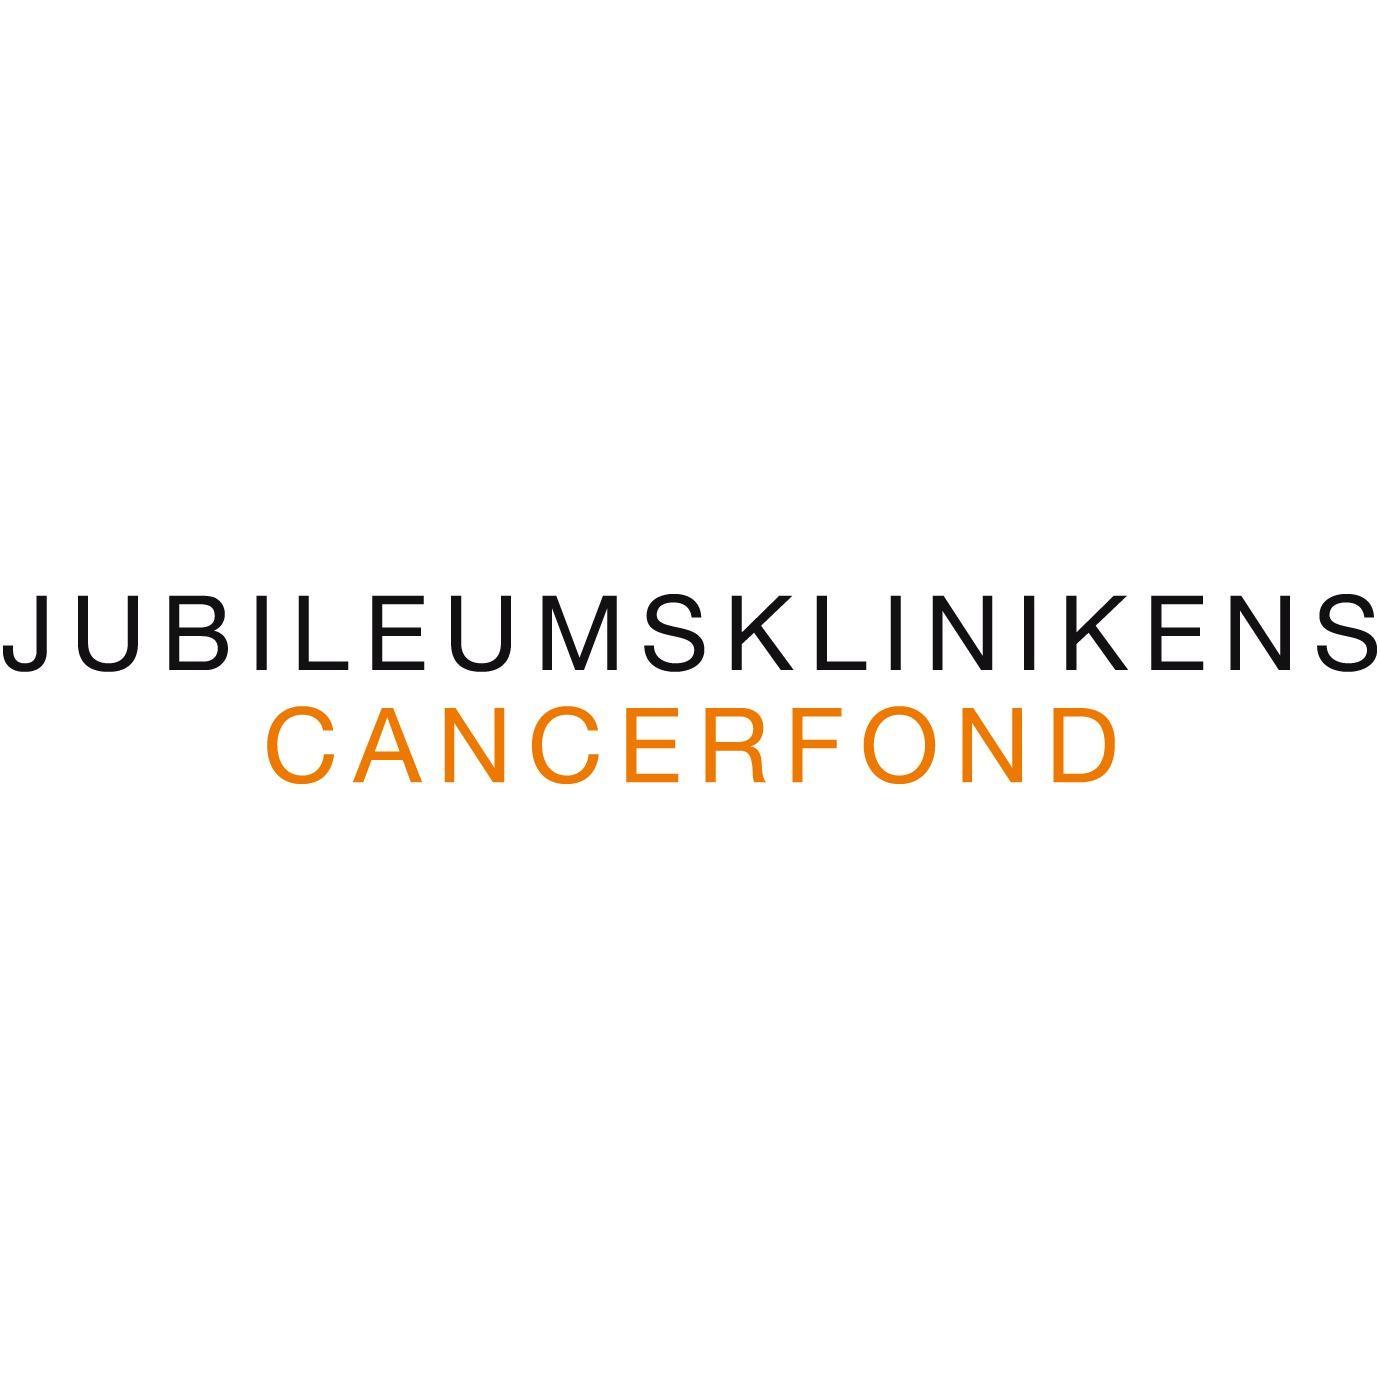 Jubileumsklinikens Forskningsfond mot Cancer, Stiftelsen